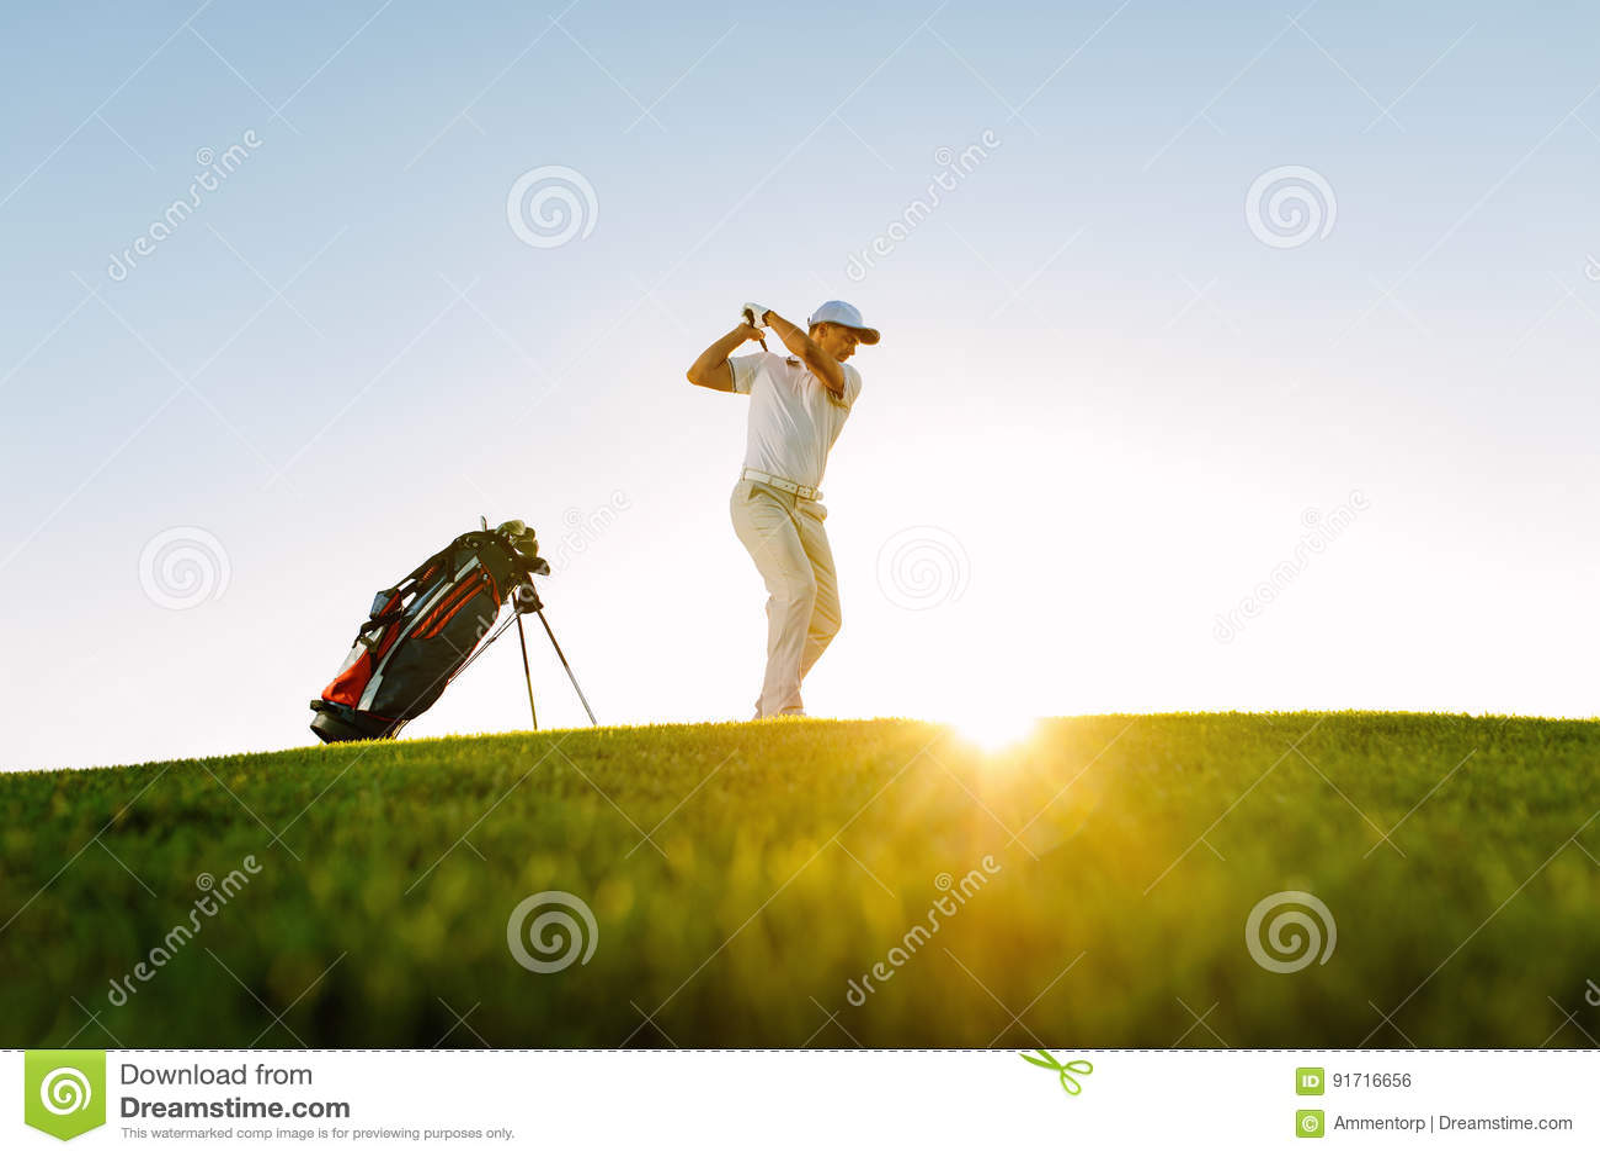 Męski golfista bierze strzał na polu golfowym